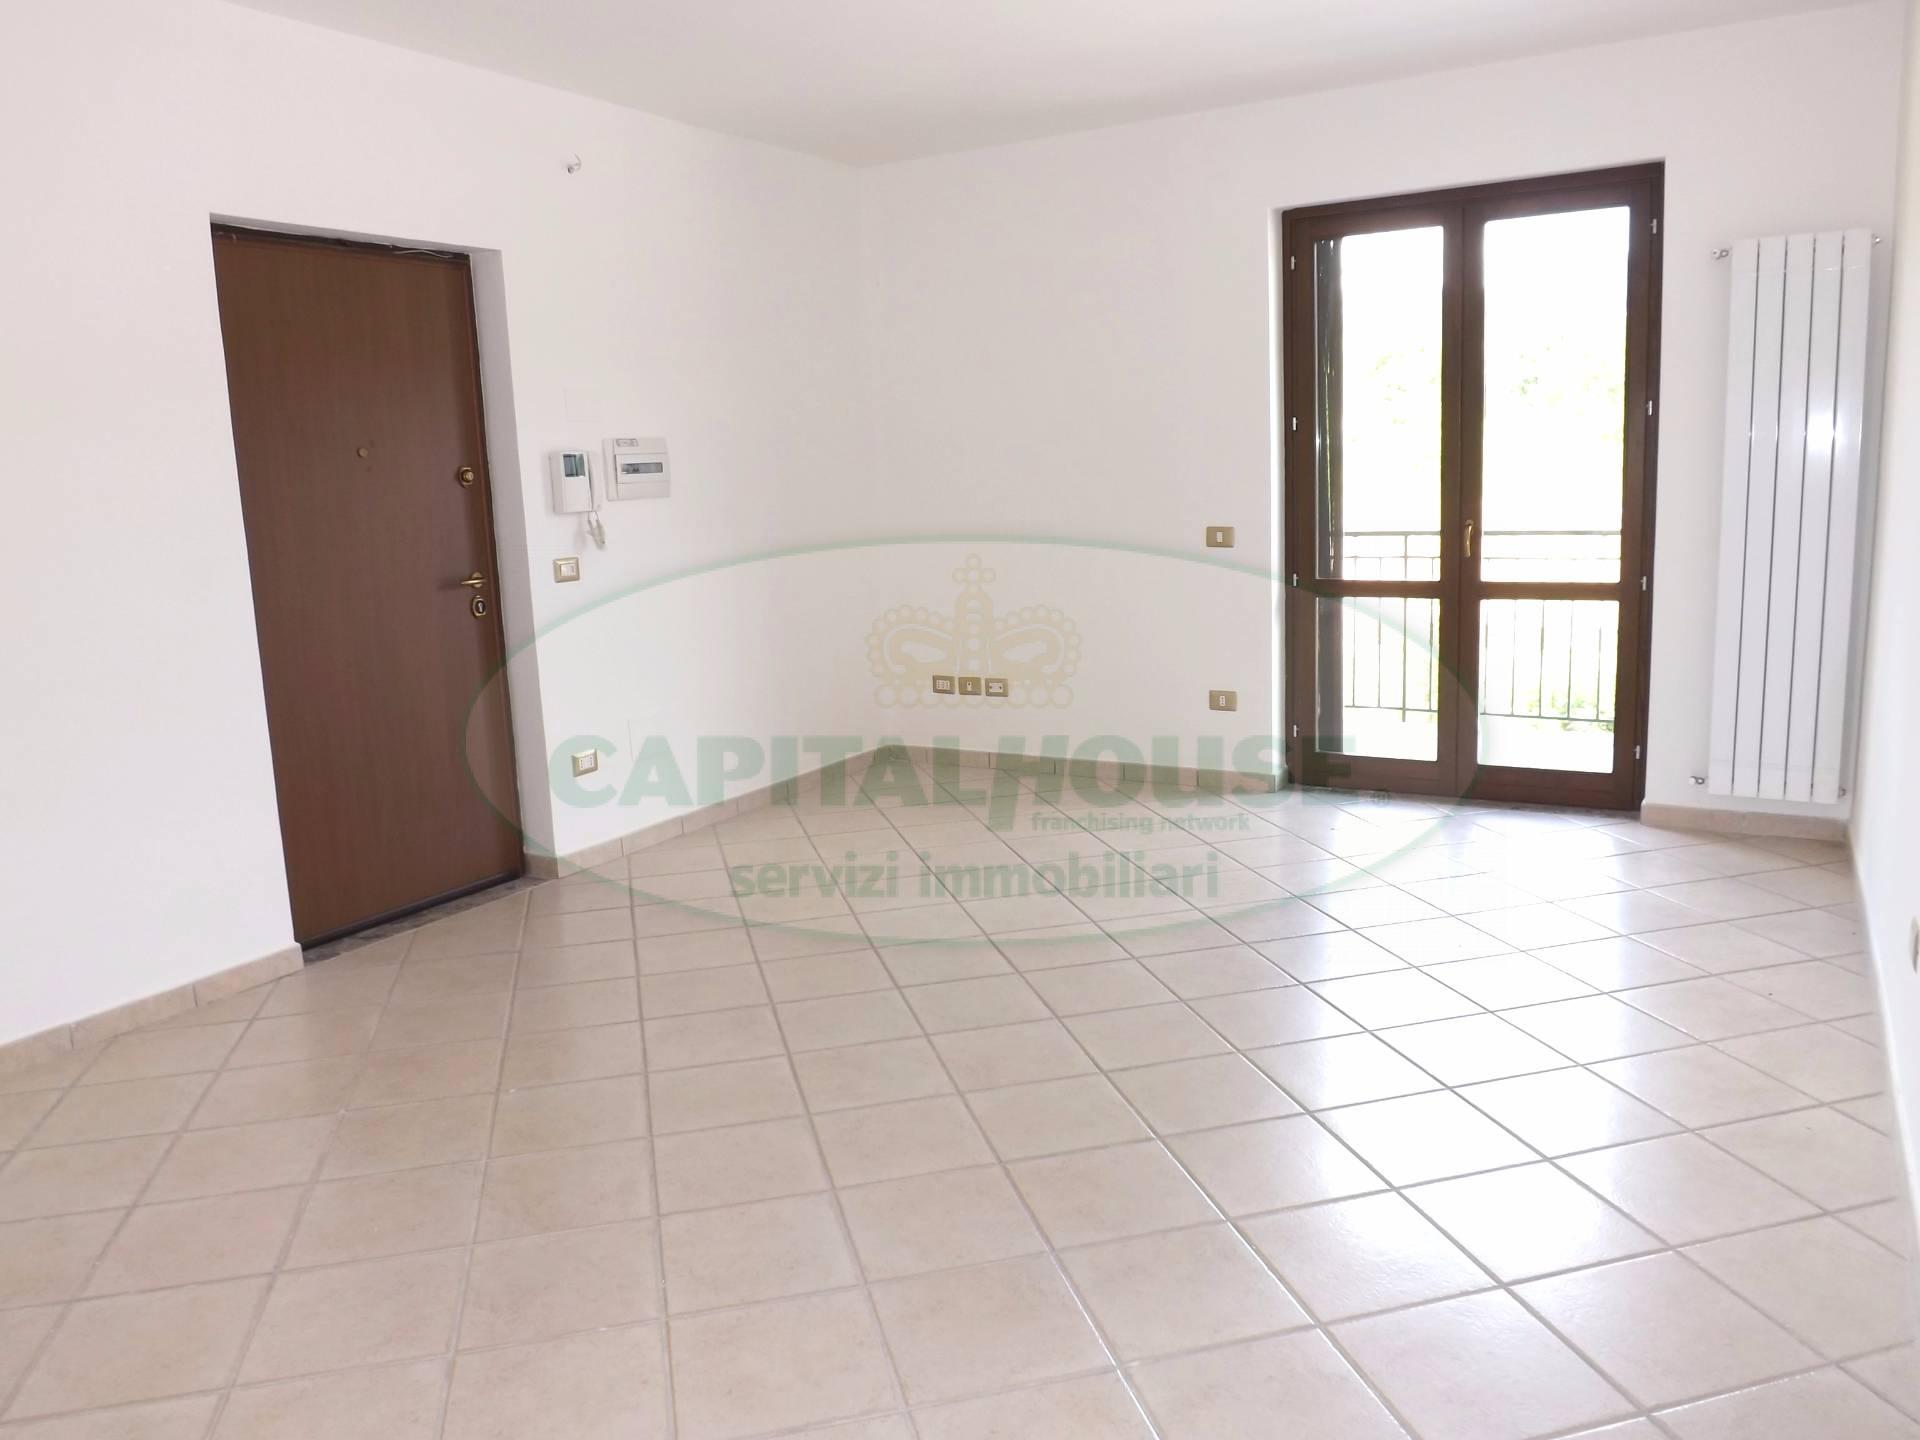 Appartamento in vendita a Atripalda, 4 locali, prezzo € 120.000 | Cambio Casa.it